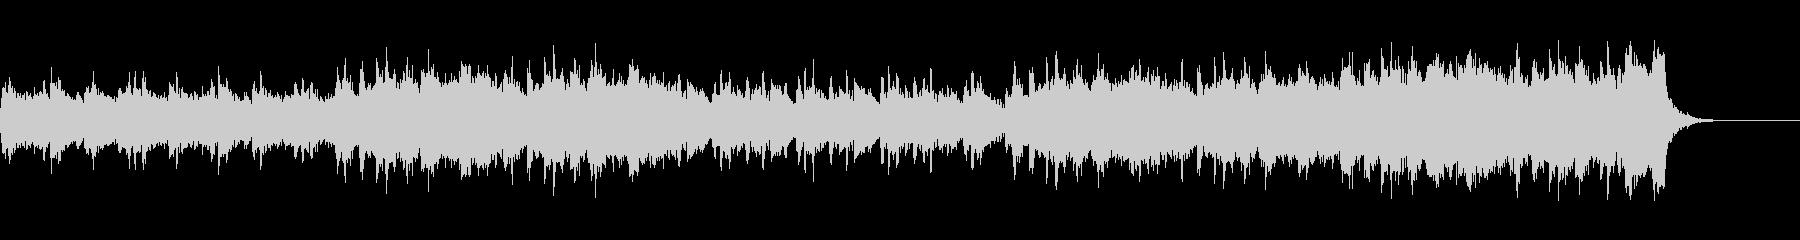 「運命の渦」5/8拍子、オーケストラ壮大の未再生の波形